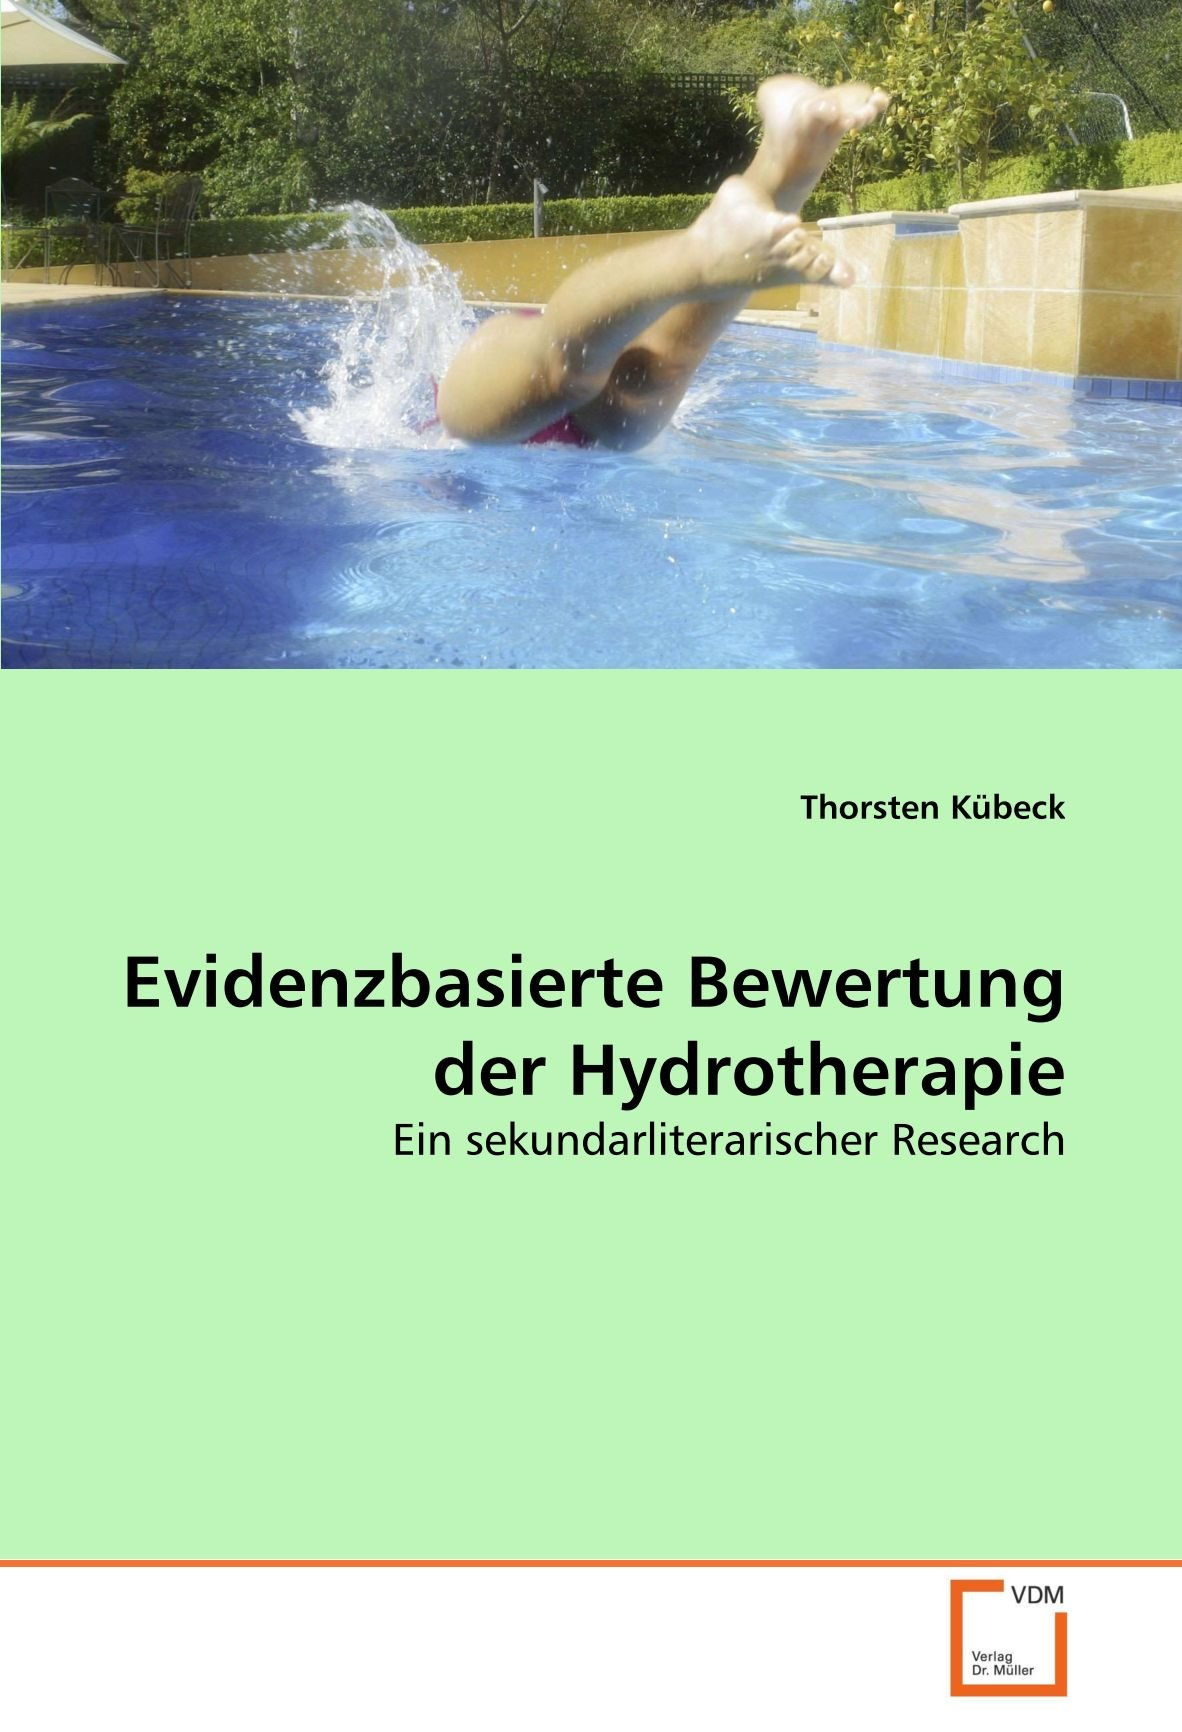 Evidenzbasierte Bewertung der Hydrotherapie: Ein sekundarliterarischer Research (German Edition) pdf epub